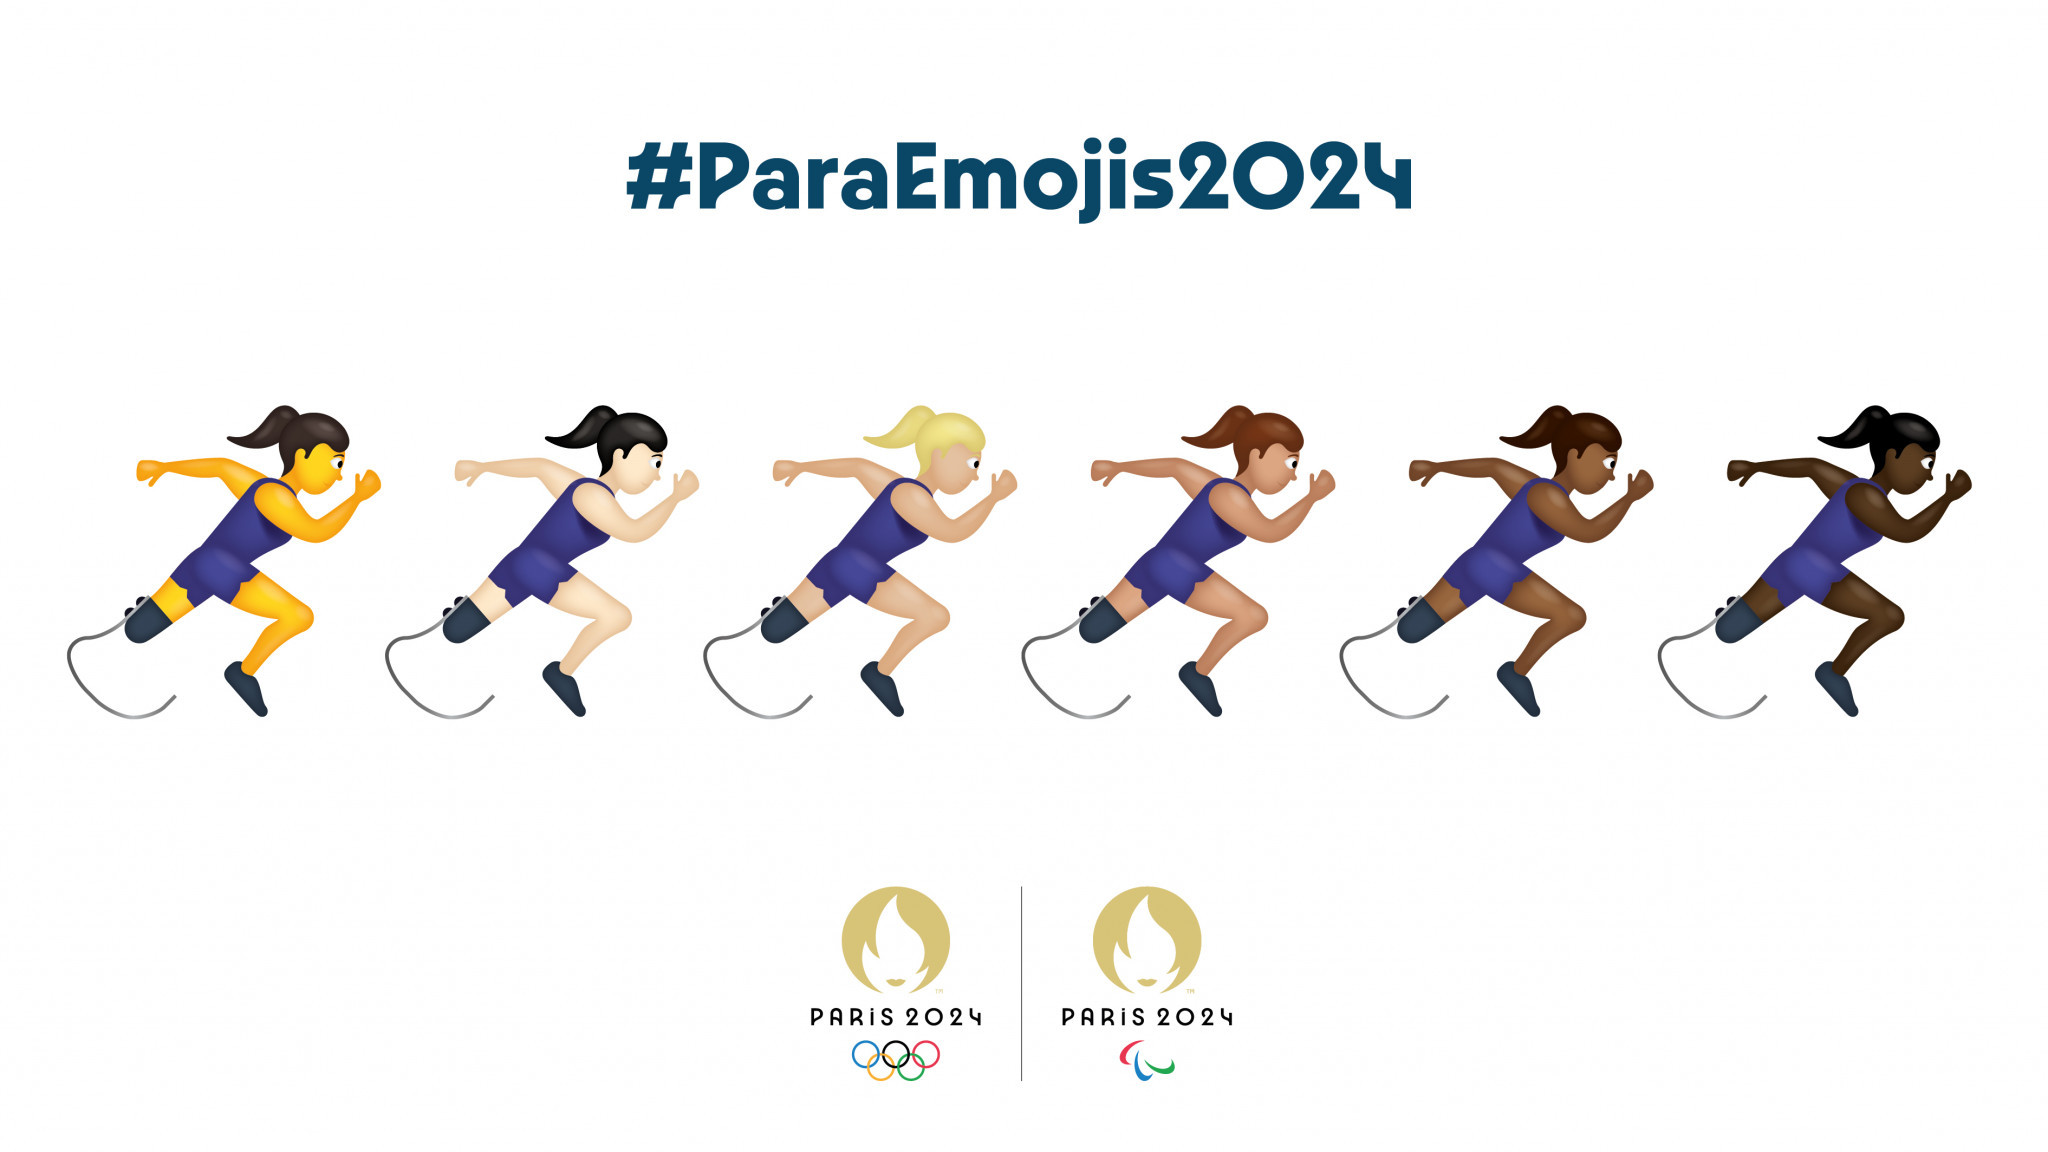 Paris 2024 have launched a campaign to have more inclusive emojis ©Paris 2024